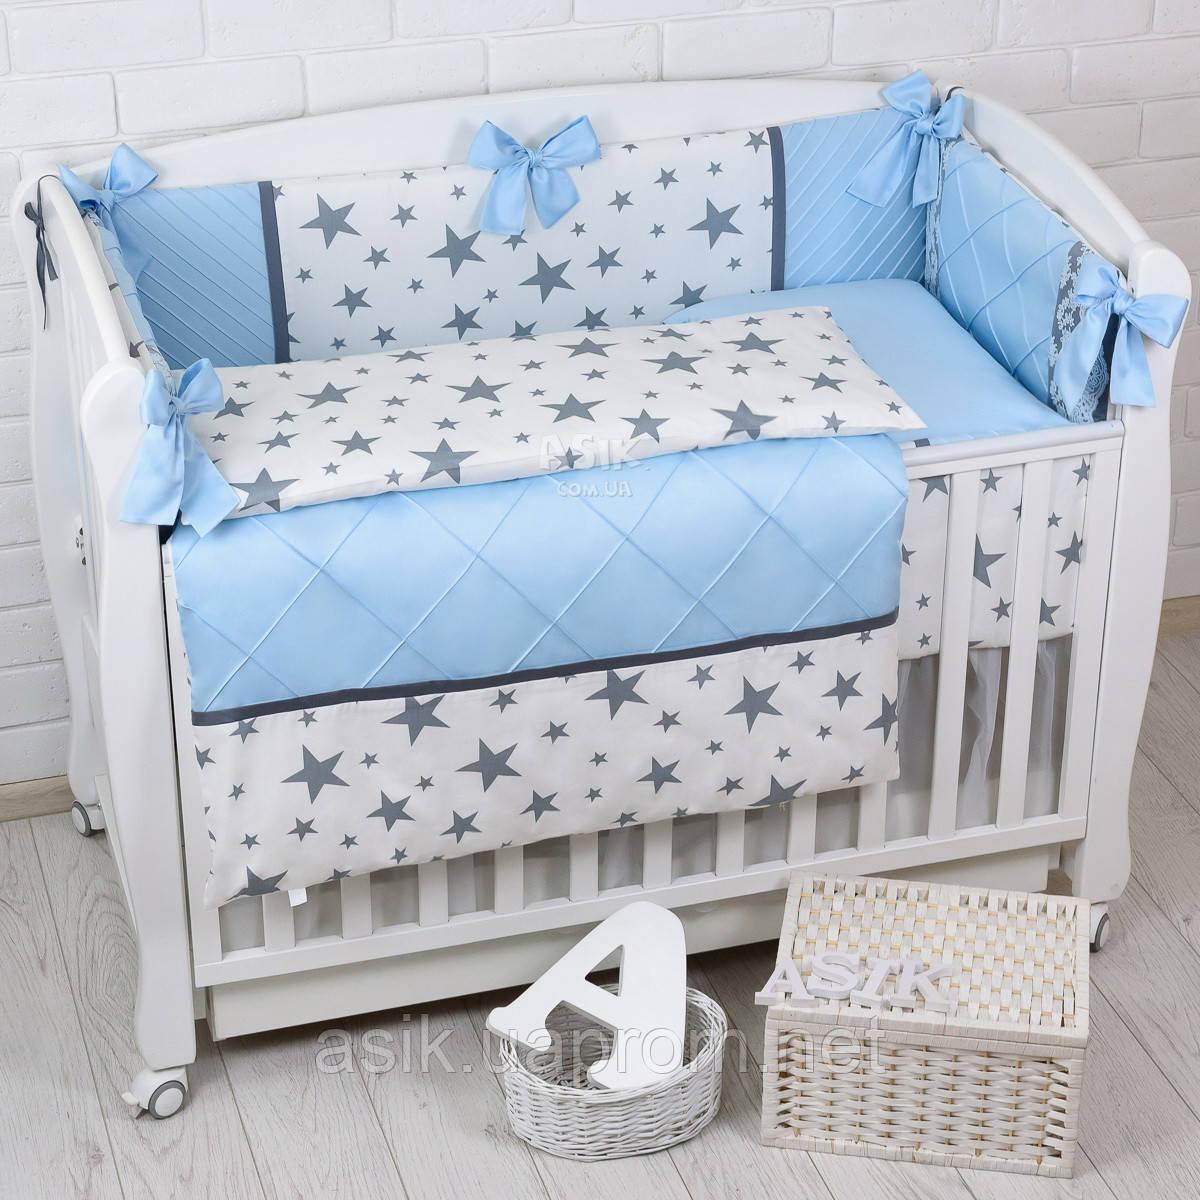 """Детская сатиновая постель """"GRAY STAR"""" с голубым цветом (№6-310)"""